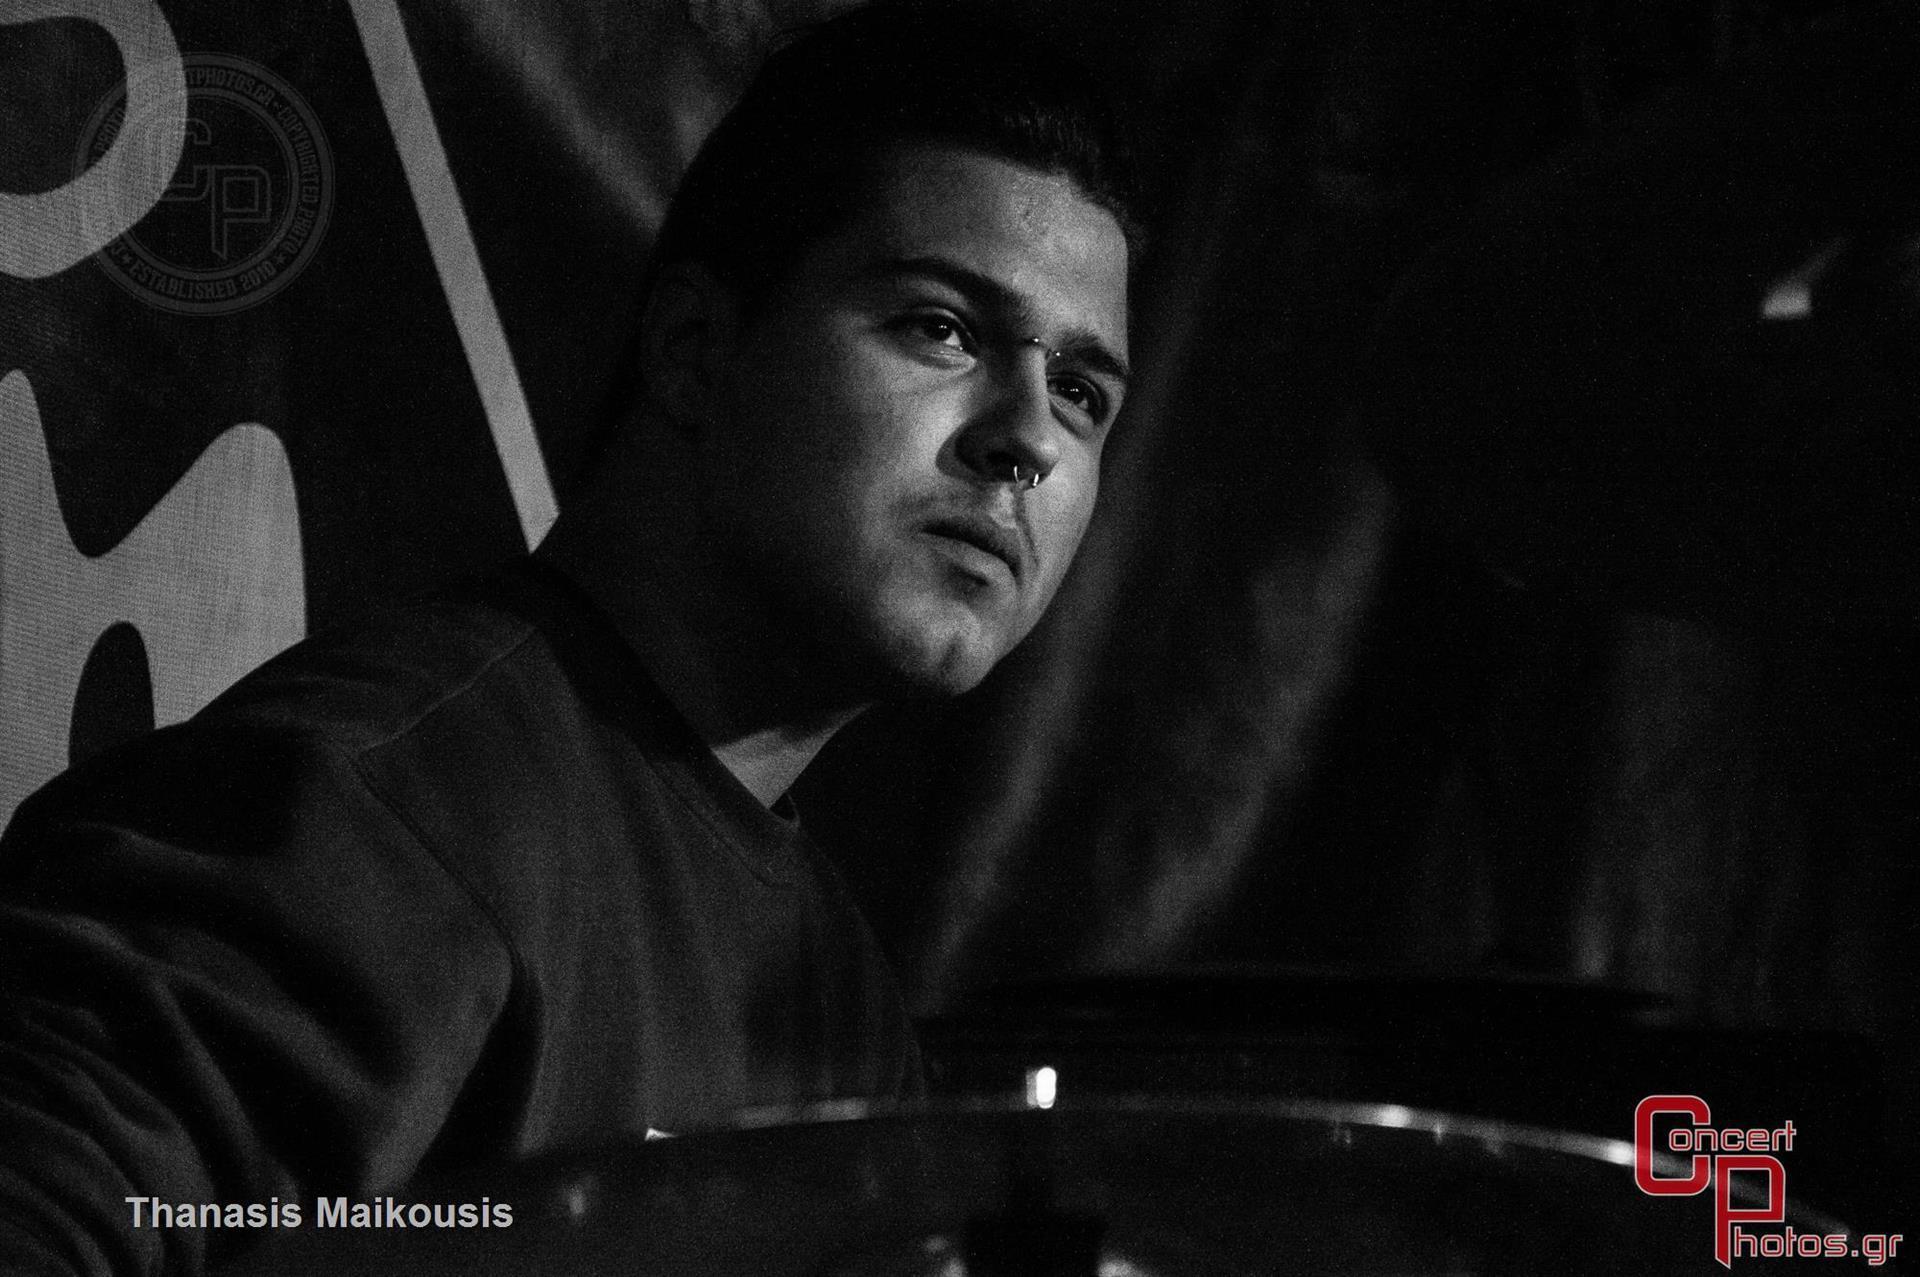 Battle Of The Bands Leg 5-Battle Of The Bands Leg 4 photographer: Thanasis Maikousis - ConcertPhotos - 20150315_2139_05